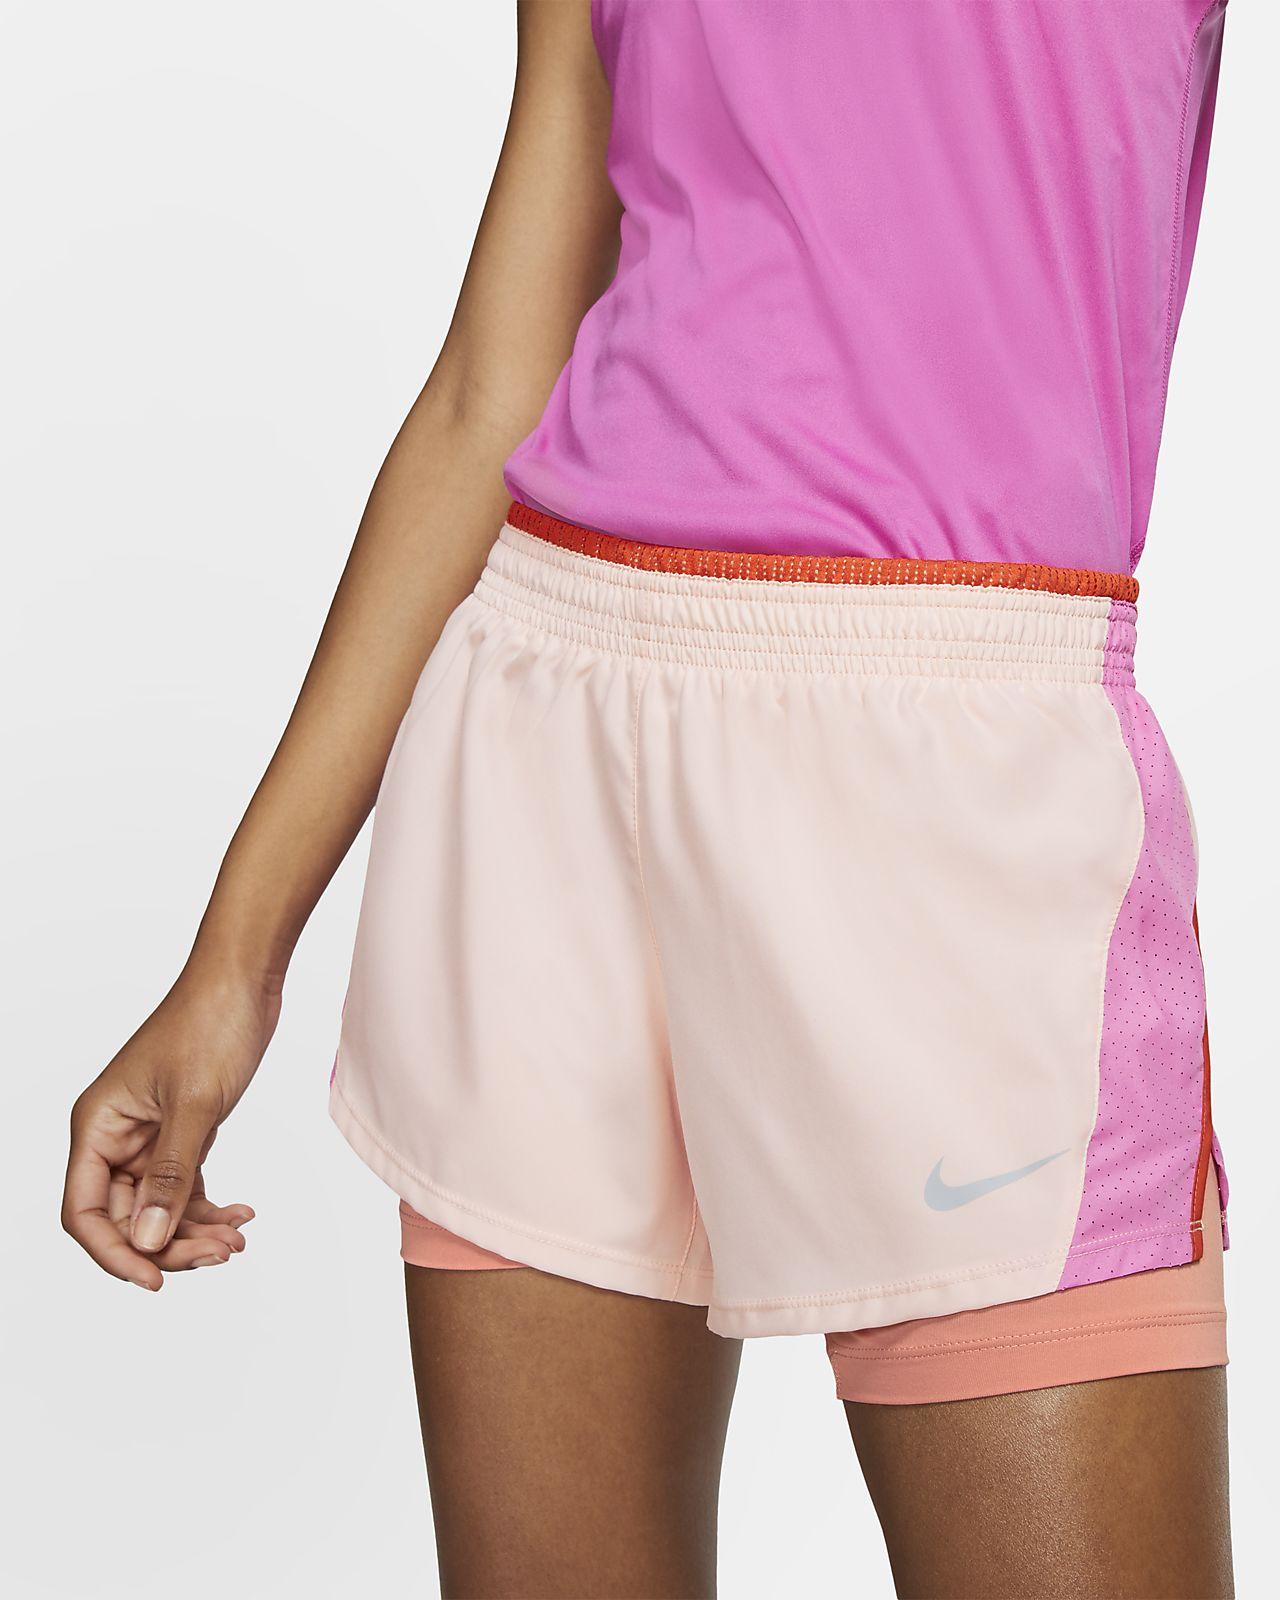 Γυναικείο σορτς για τρέξιμο Nike 10K 2-in-1